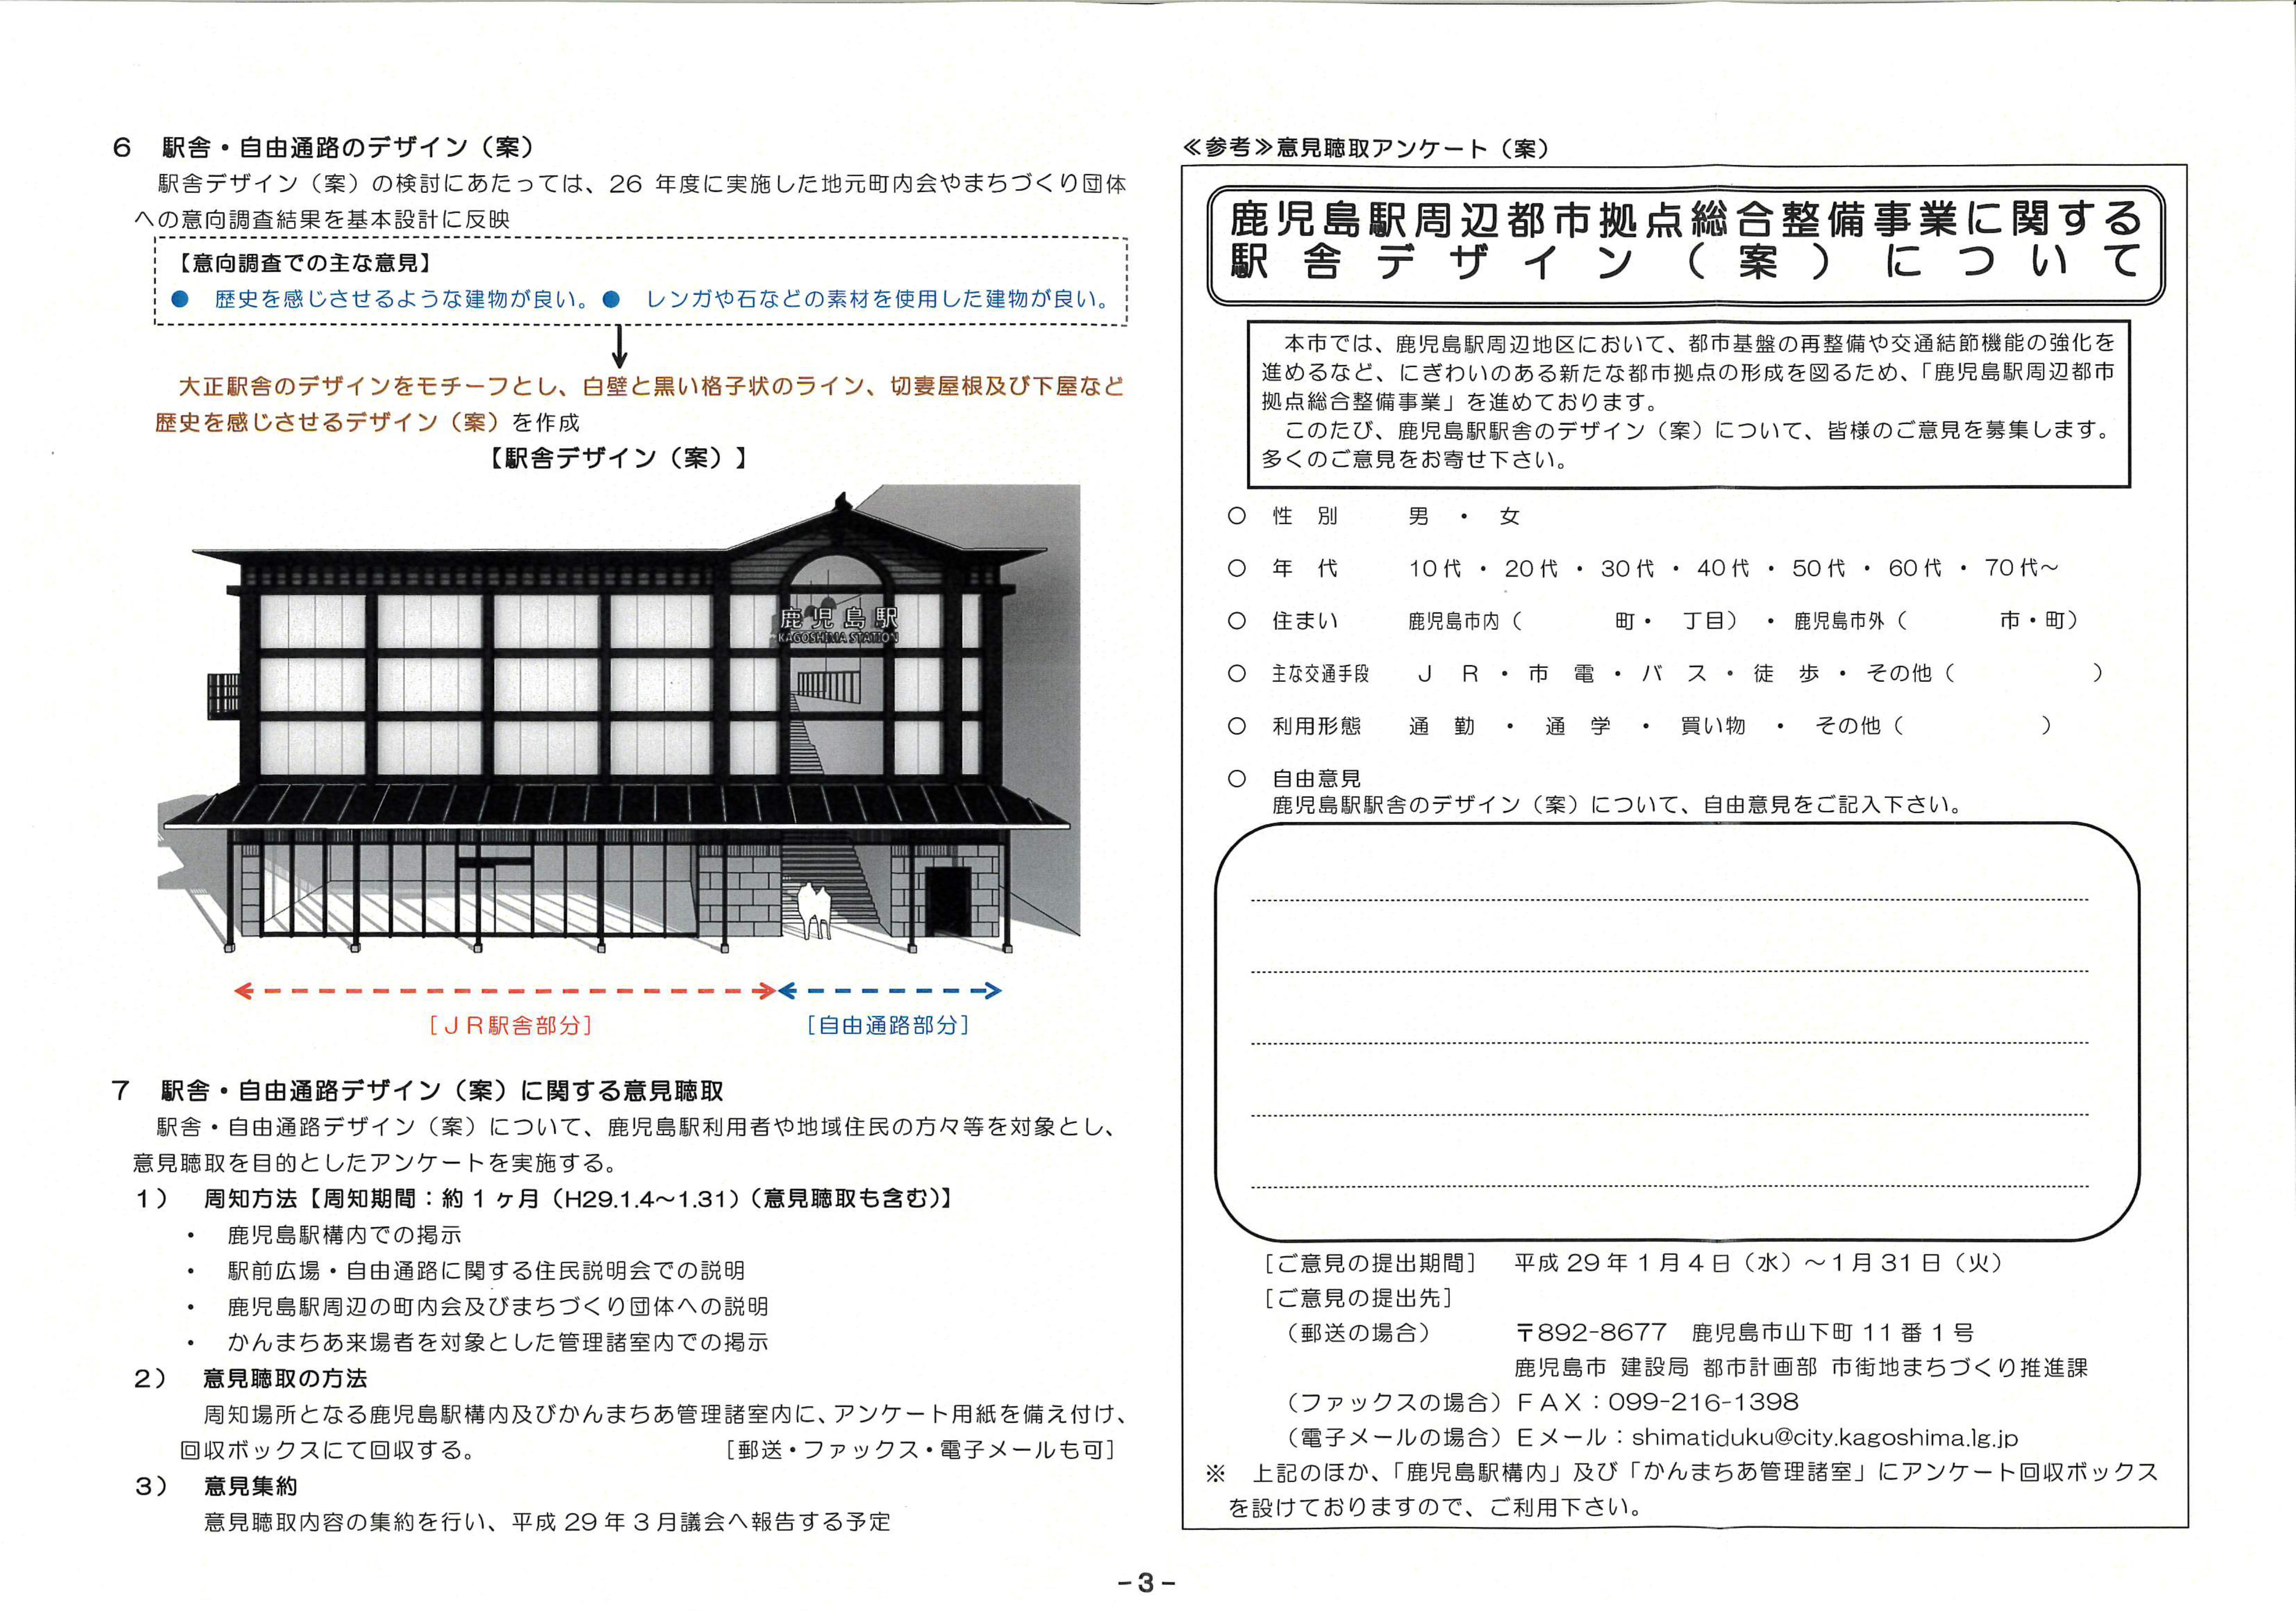 鹿児島駅舎・自由通路デザイン案